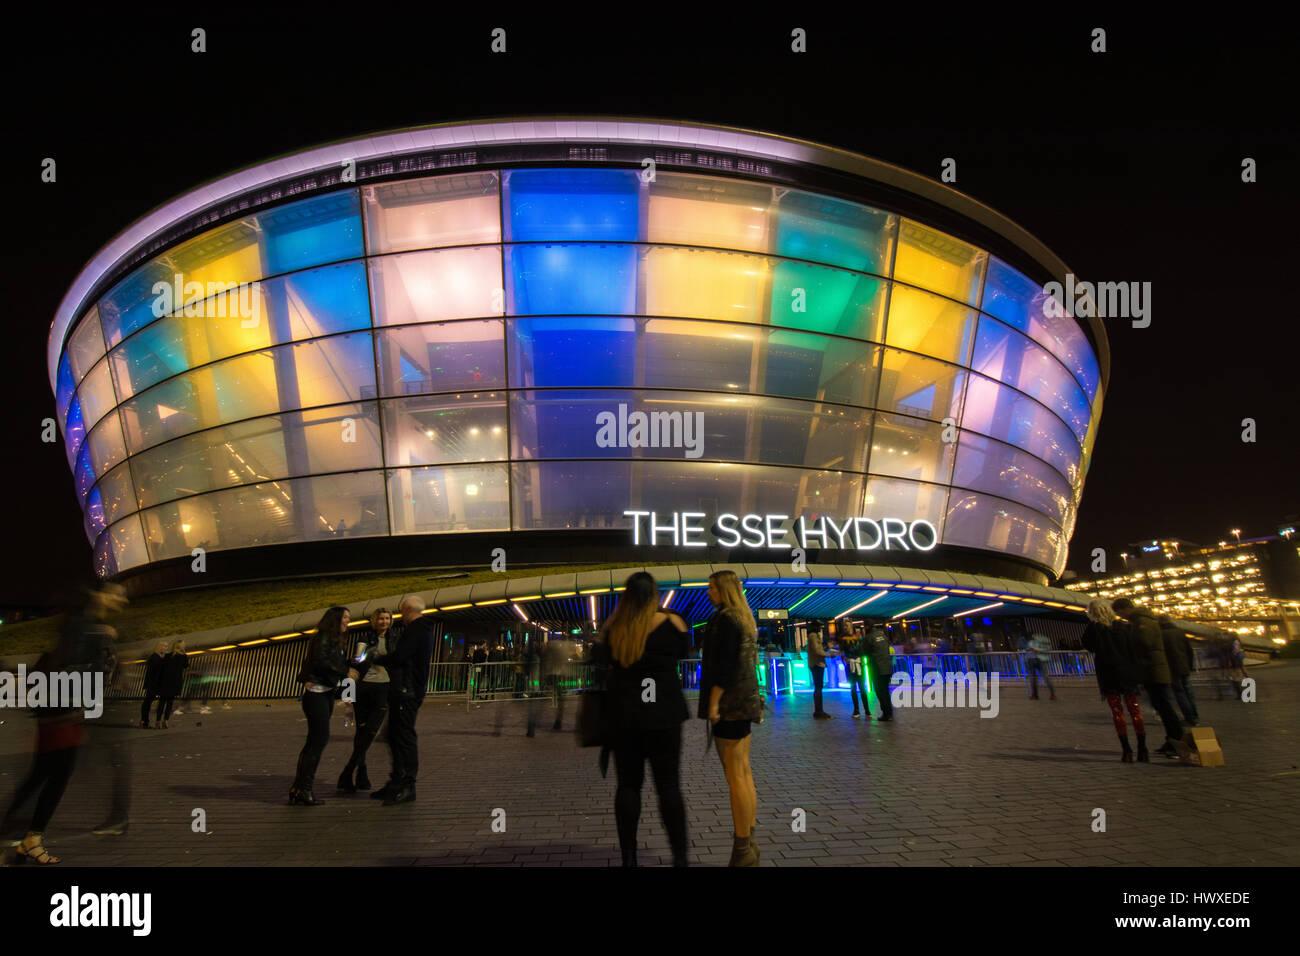 L'ESS au Scottish Hydro Campus Event - SEC - Glasgow, Scotland, UK la nuit - personnes debout à l'extérieur Photo Stock